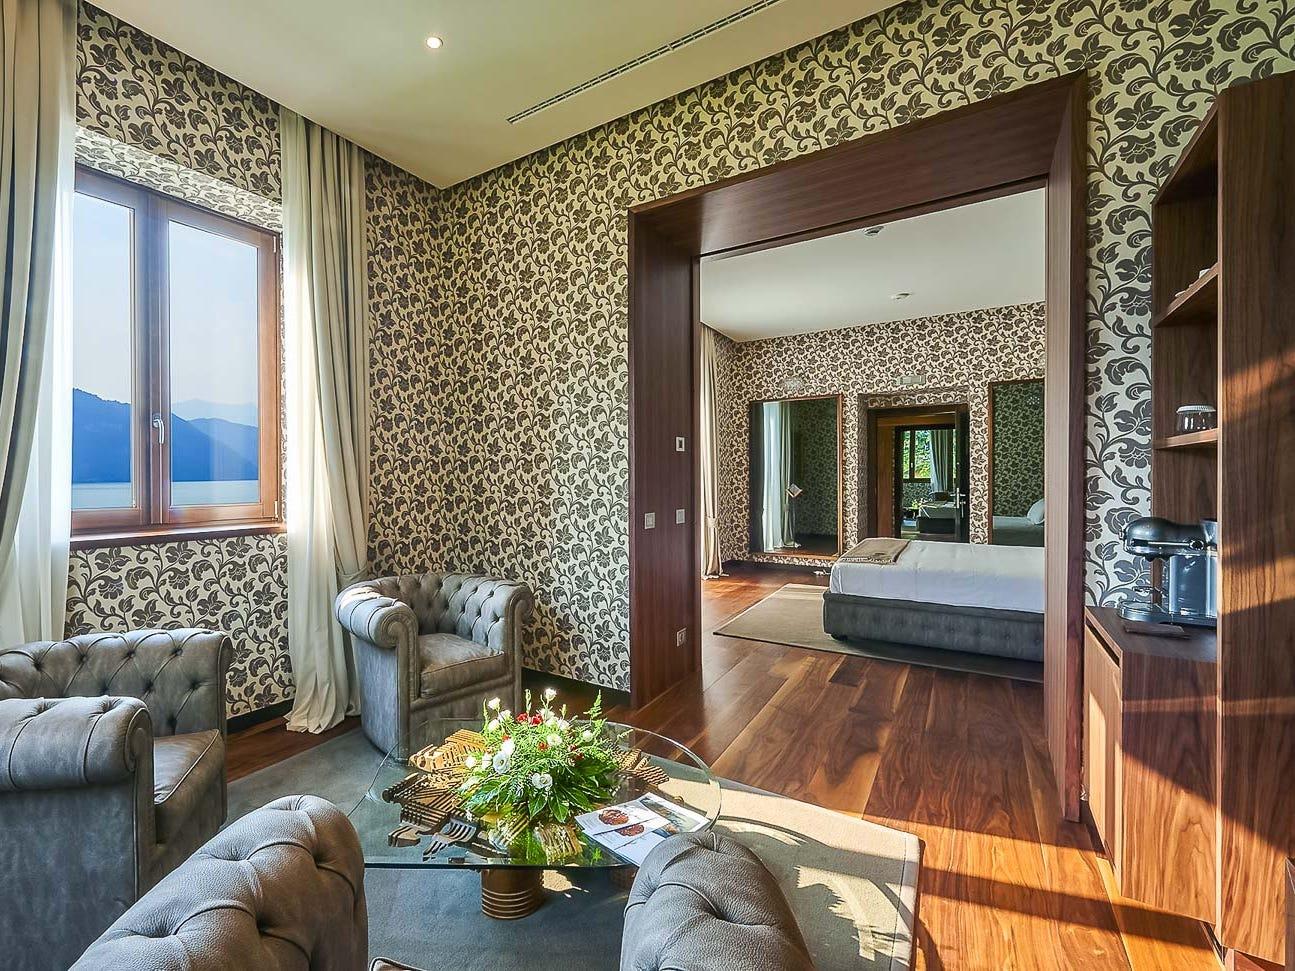 For more information: https://www.luxuryretreats.com/vacation-rentals/italy/lake-como/mandello-del-lario/villa-lario-121544